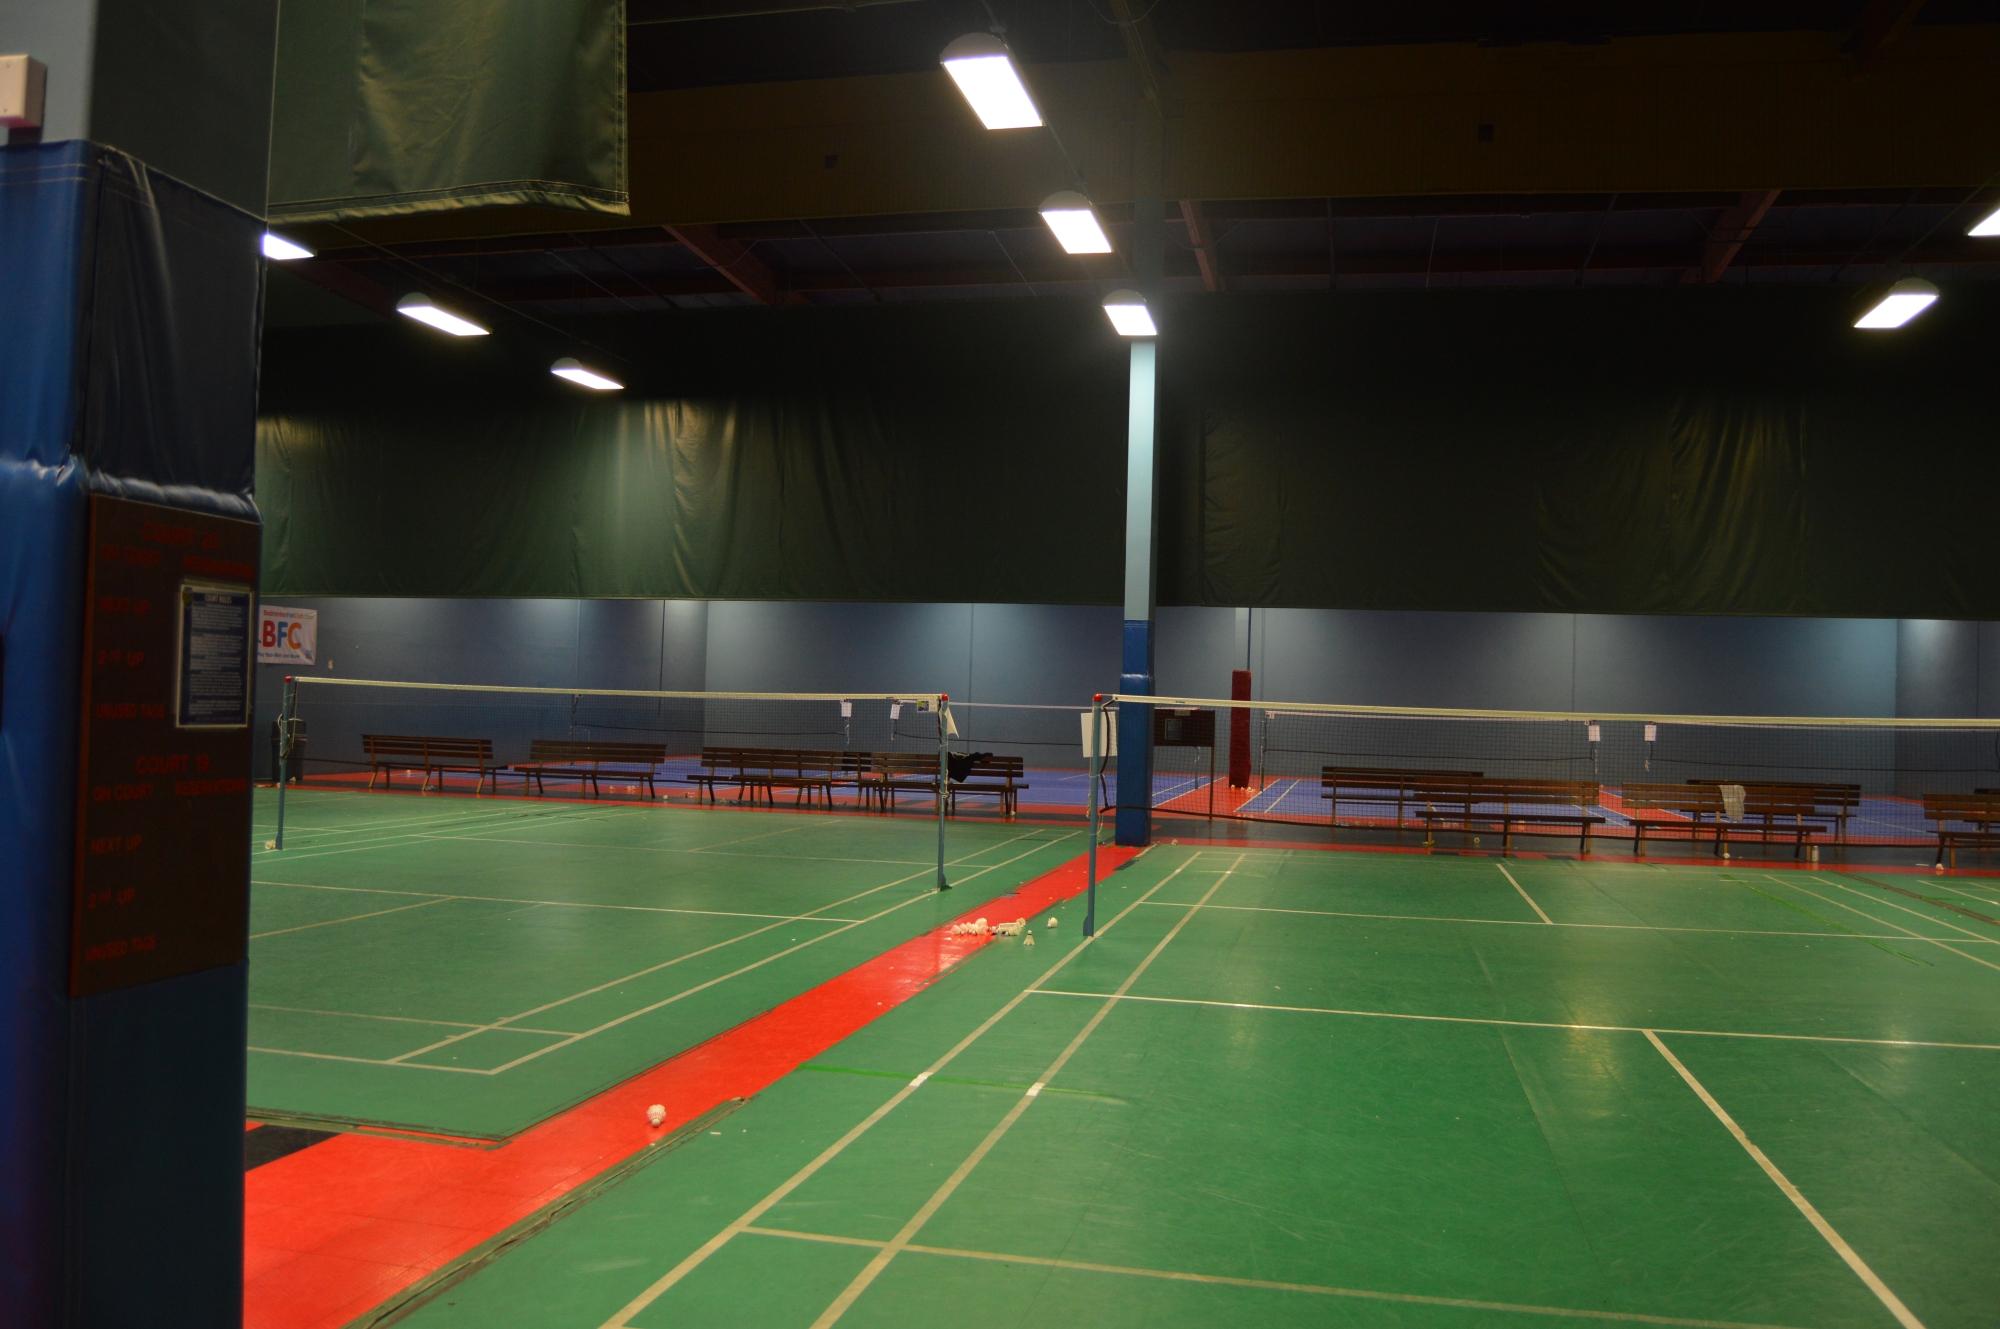 San Gabriel Valley Badminton Club #2